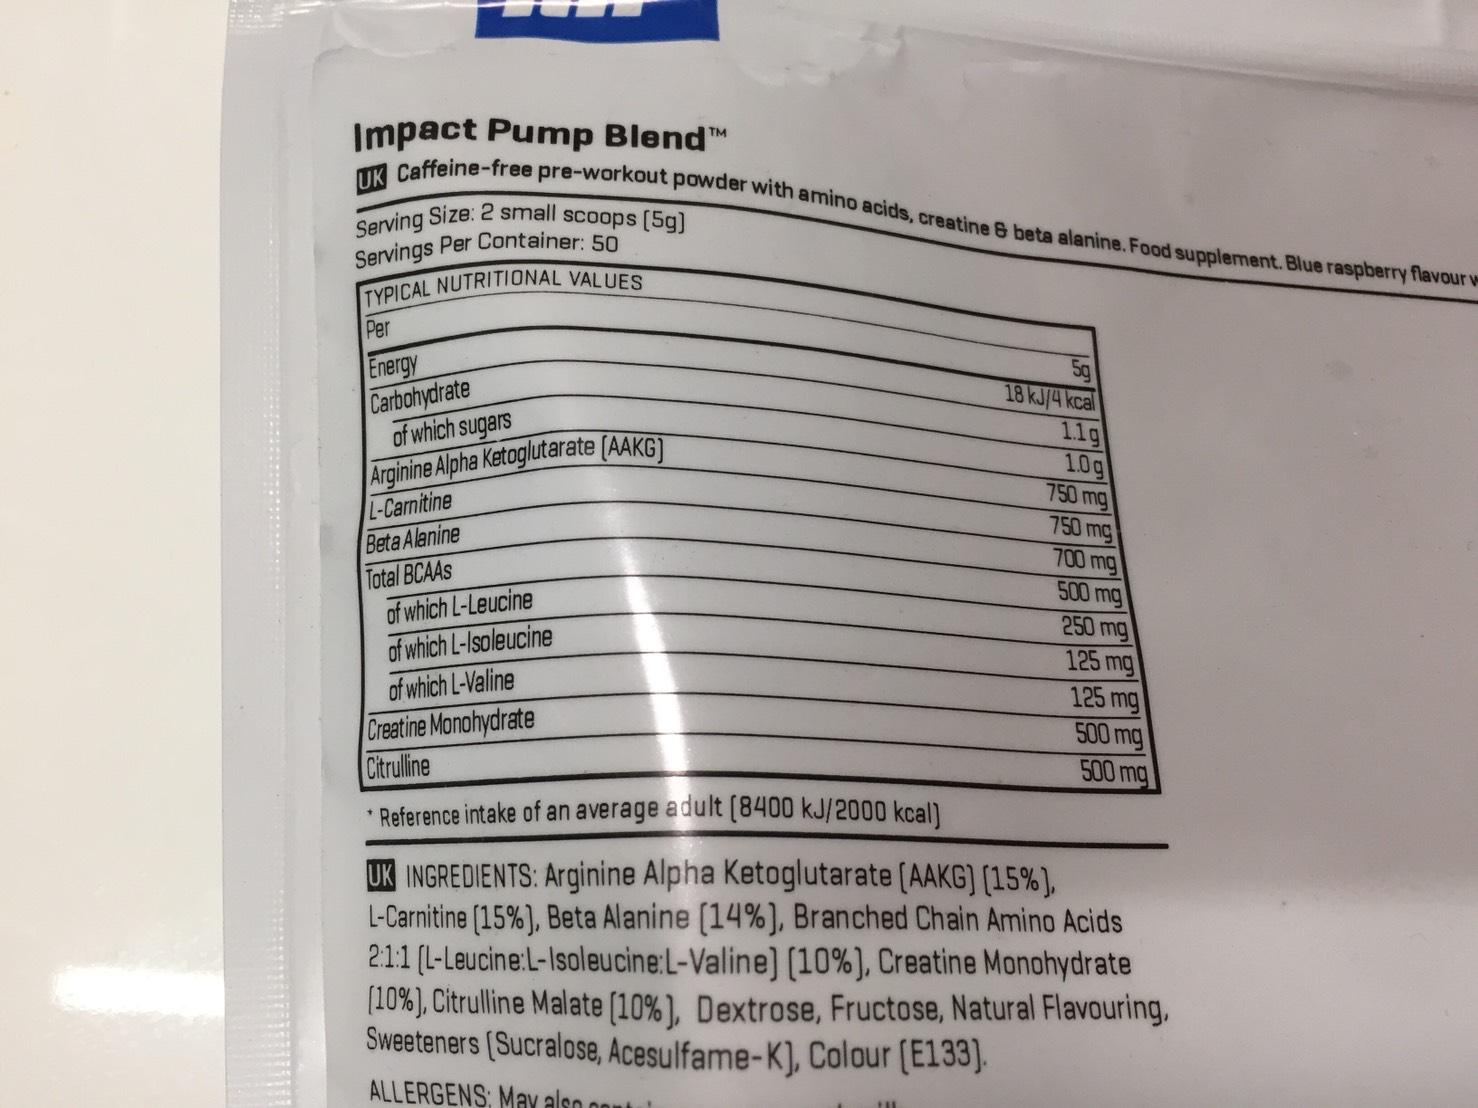 IMPACTパンプブレンド「BLUE RASPBERRY FLAVOUR(ブルーラズベリー味)」の成分表